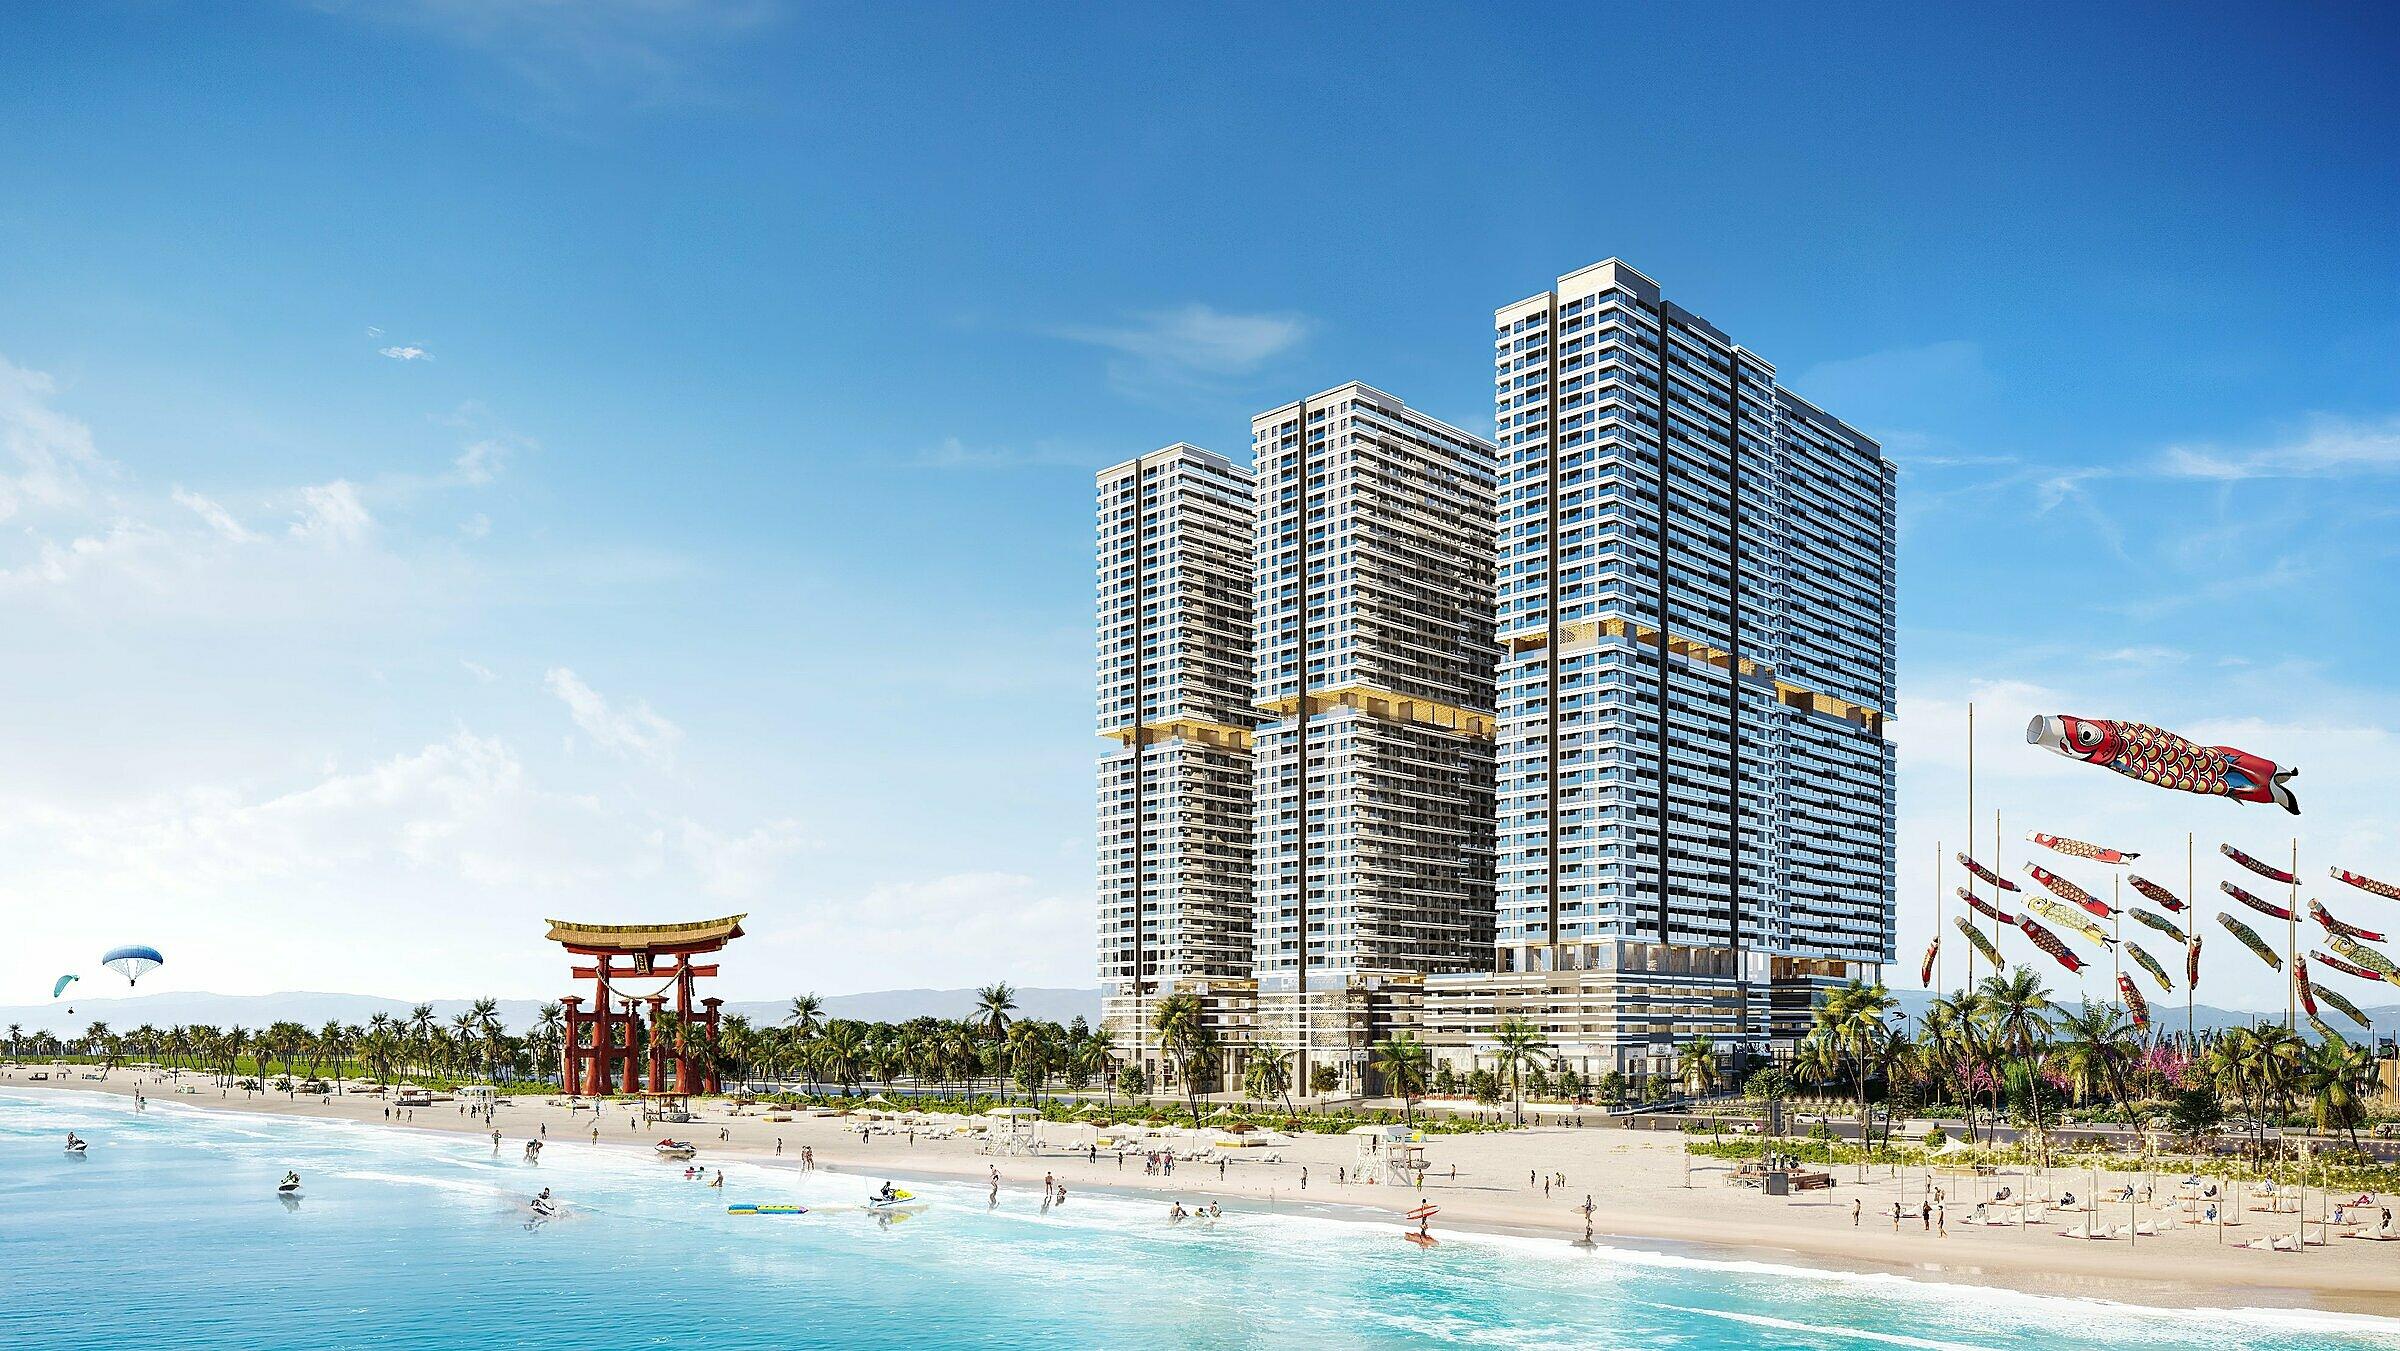 Khu đô thị Takashi Ocean Suite Kỳ Co tại Khu kinh tế Nhơn Hội sắp ra mắt 3 block phân khu Sapporo. Ảnh phối cảnh: Tập đoàn Danh Khôi.